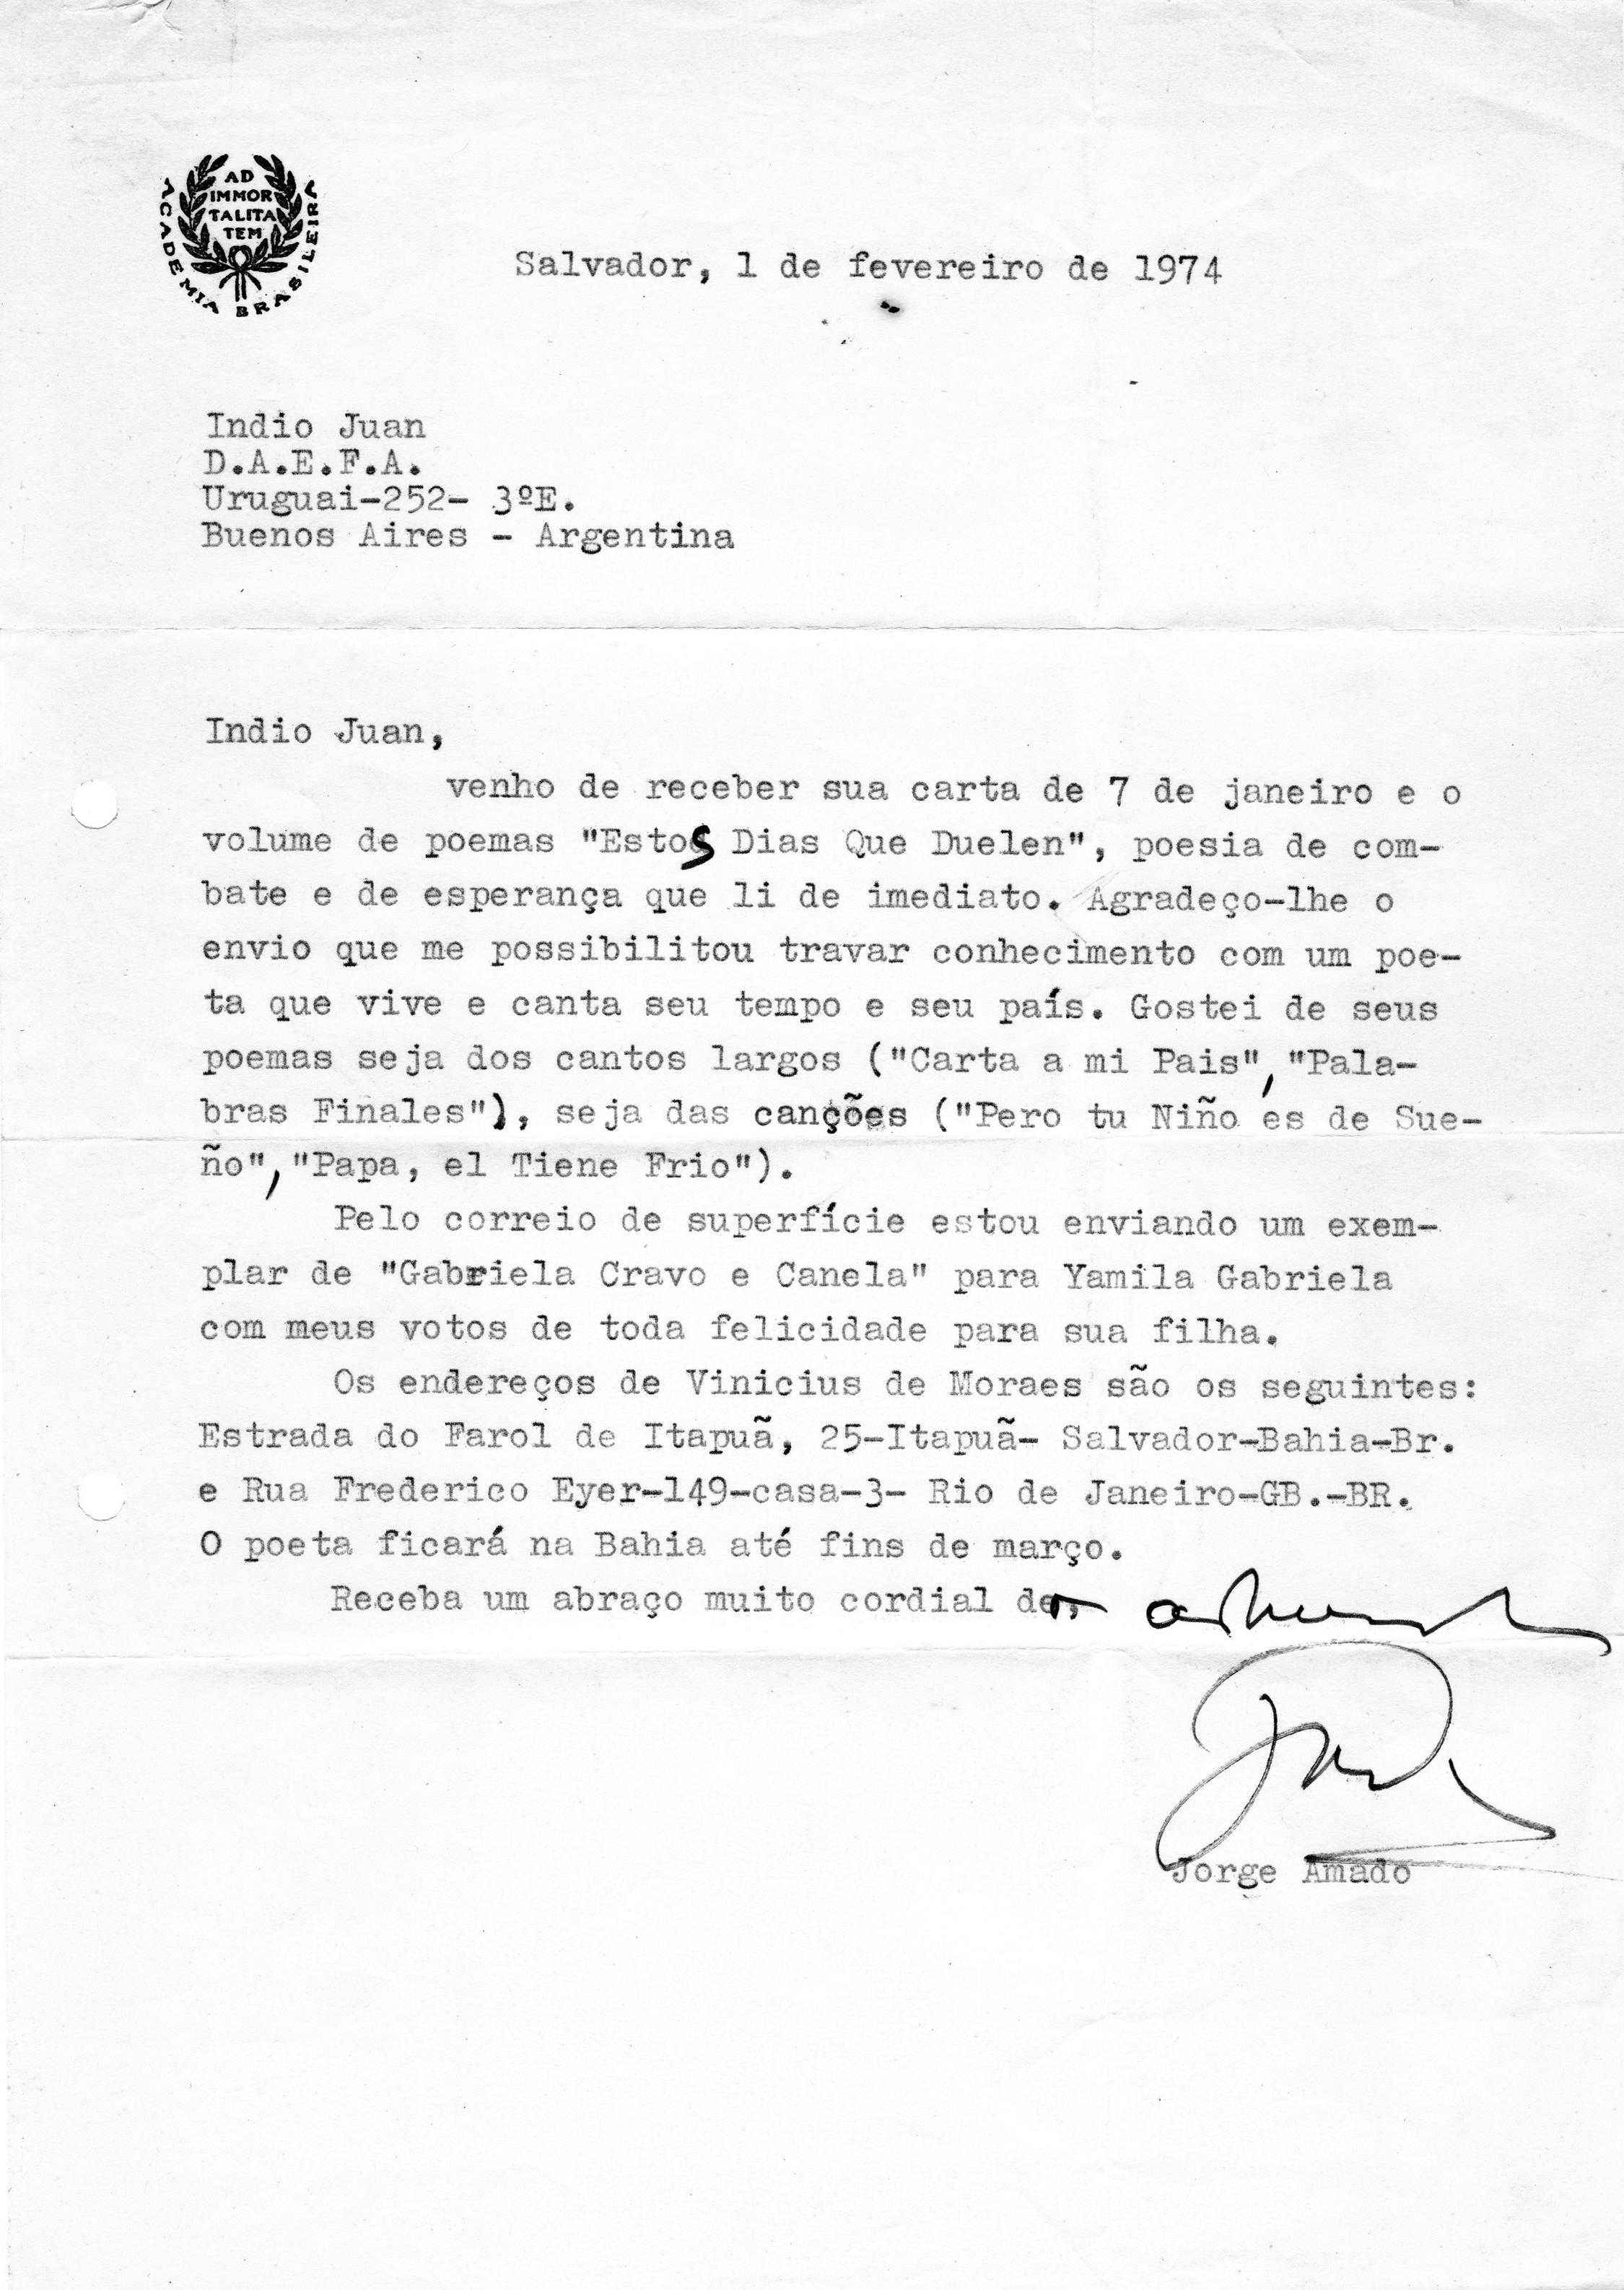 Carta de aliento del escritor brasileño Jorge Amado a Indio Juan sobre el libro Estos días que duelen. Salvador, 1 de febrero de 1974.